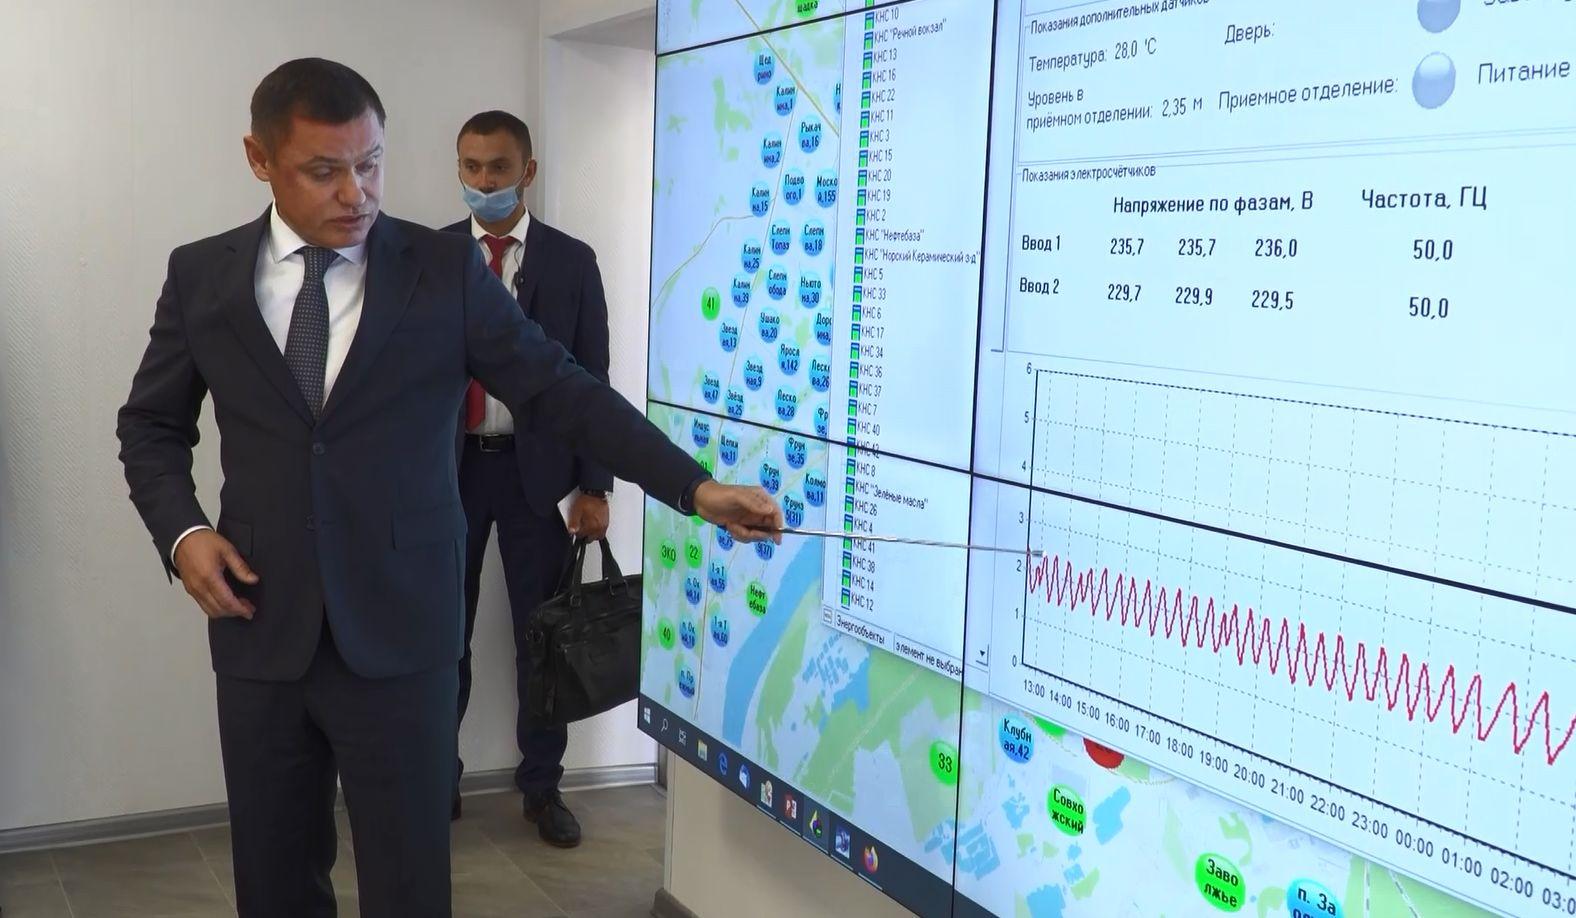 «Ярославльводоканал» представил проект реконструкции очистных сооружений канализации Ярославля